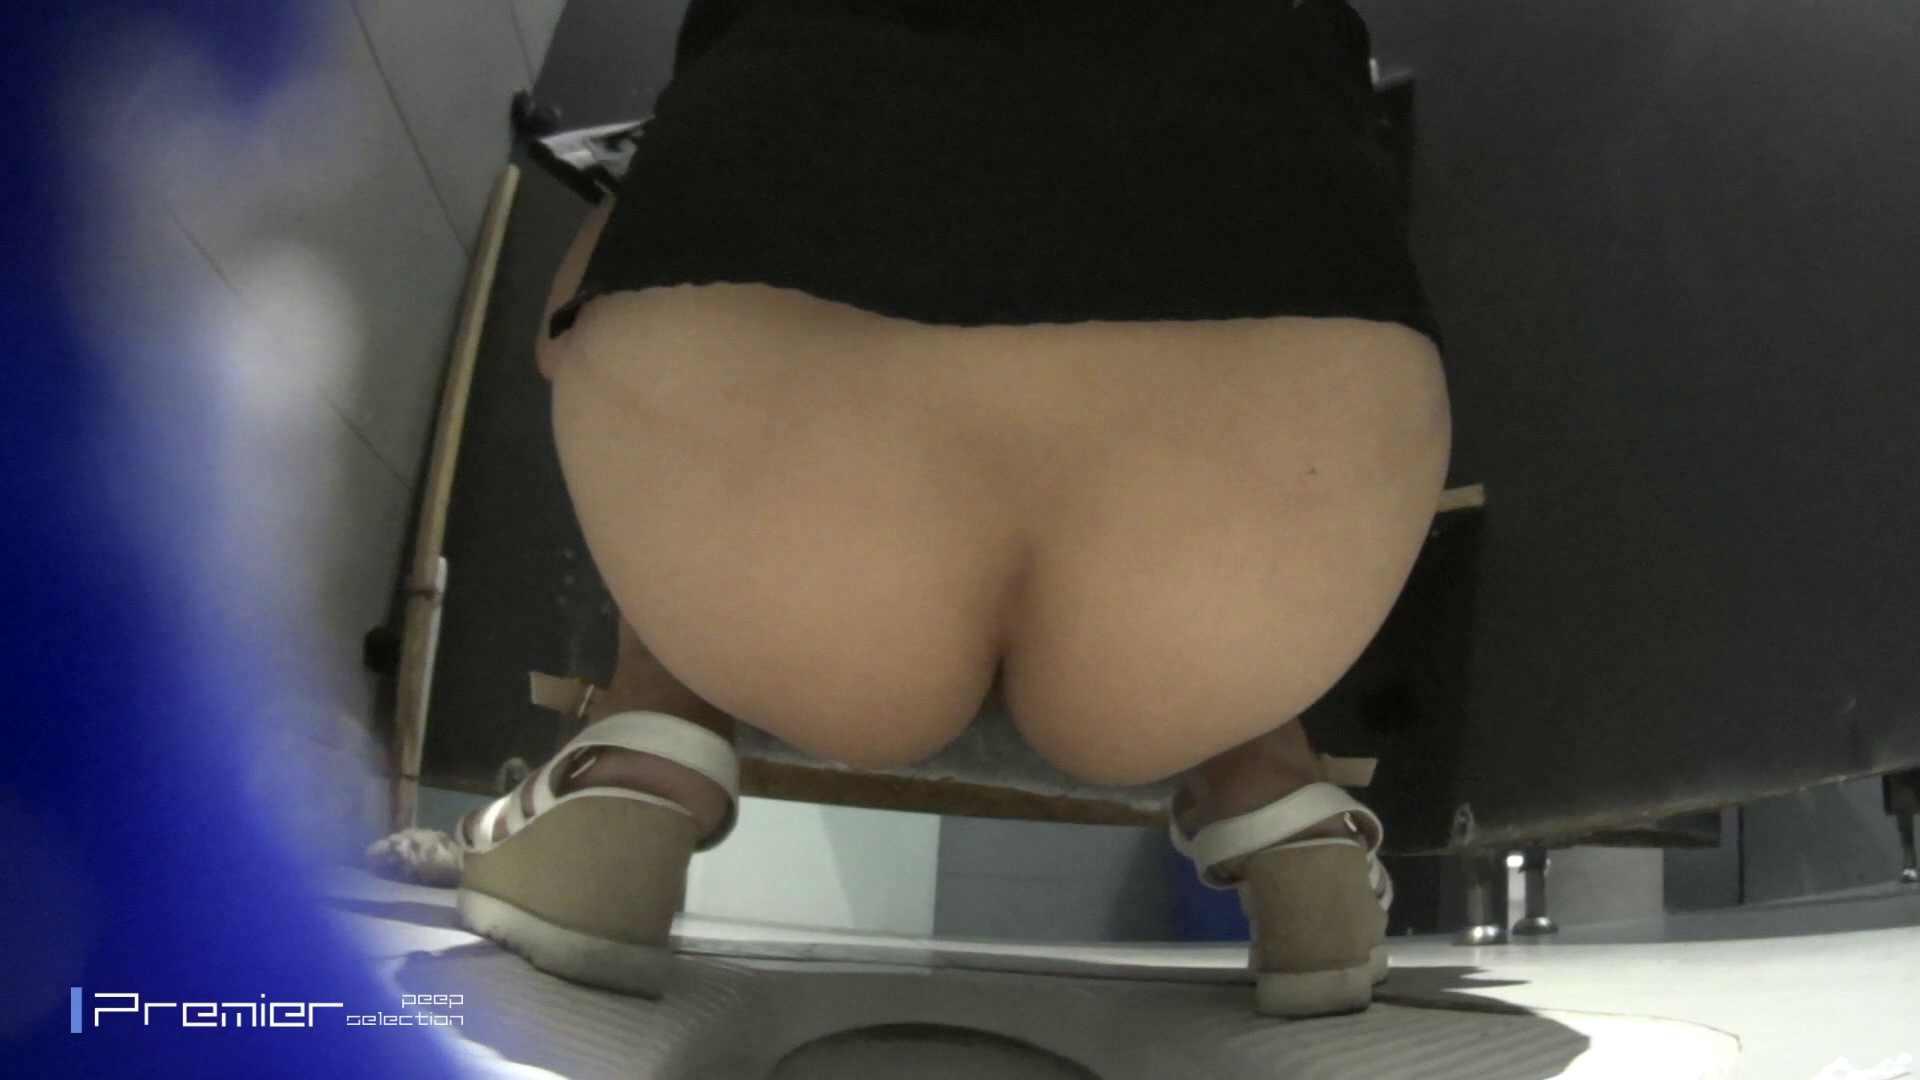 お尻にチリ紙をつけてる美女 大学休憩時間の洗面所事情54 美女達のヌード   お姉さん達のヌード  56連発 4